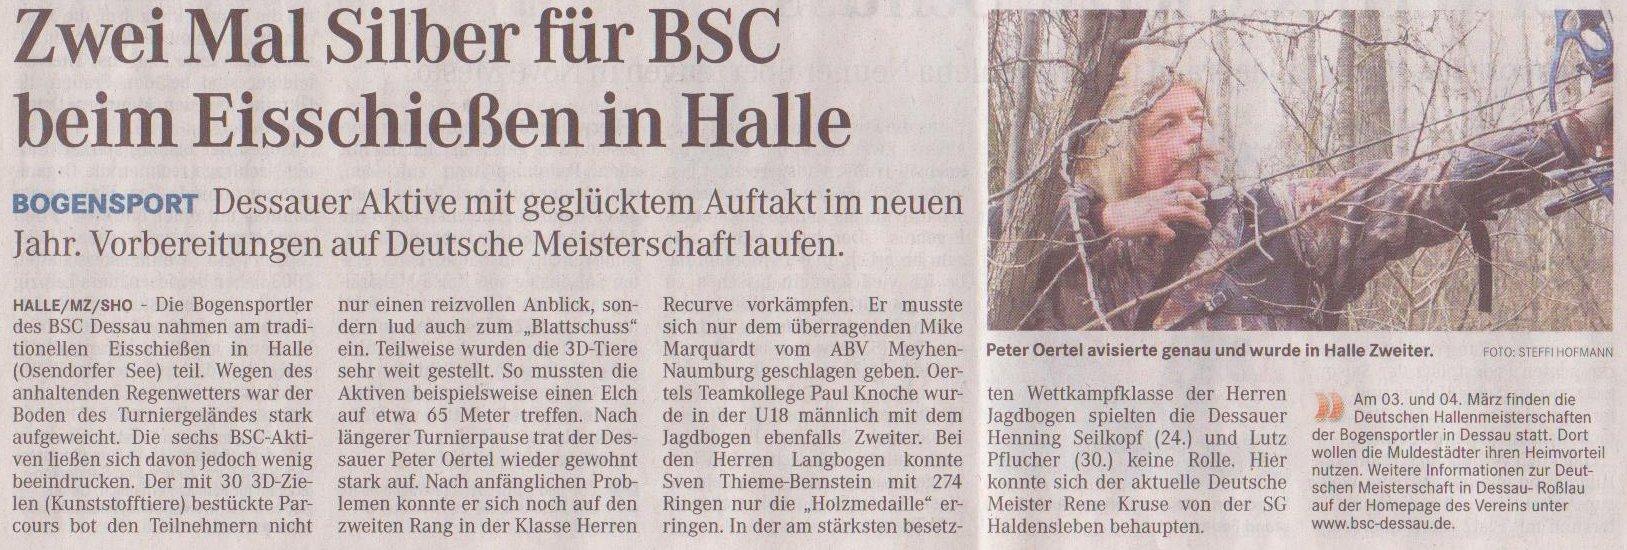 Eisschießen in Halle – Mitteldeutsche Zeitung vom 12.01.2012